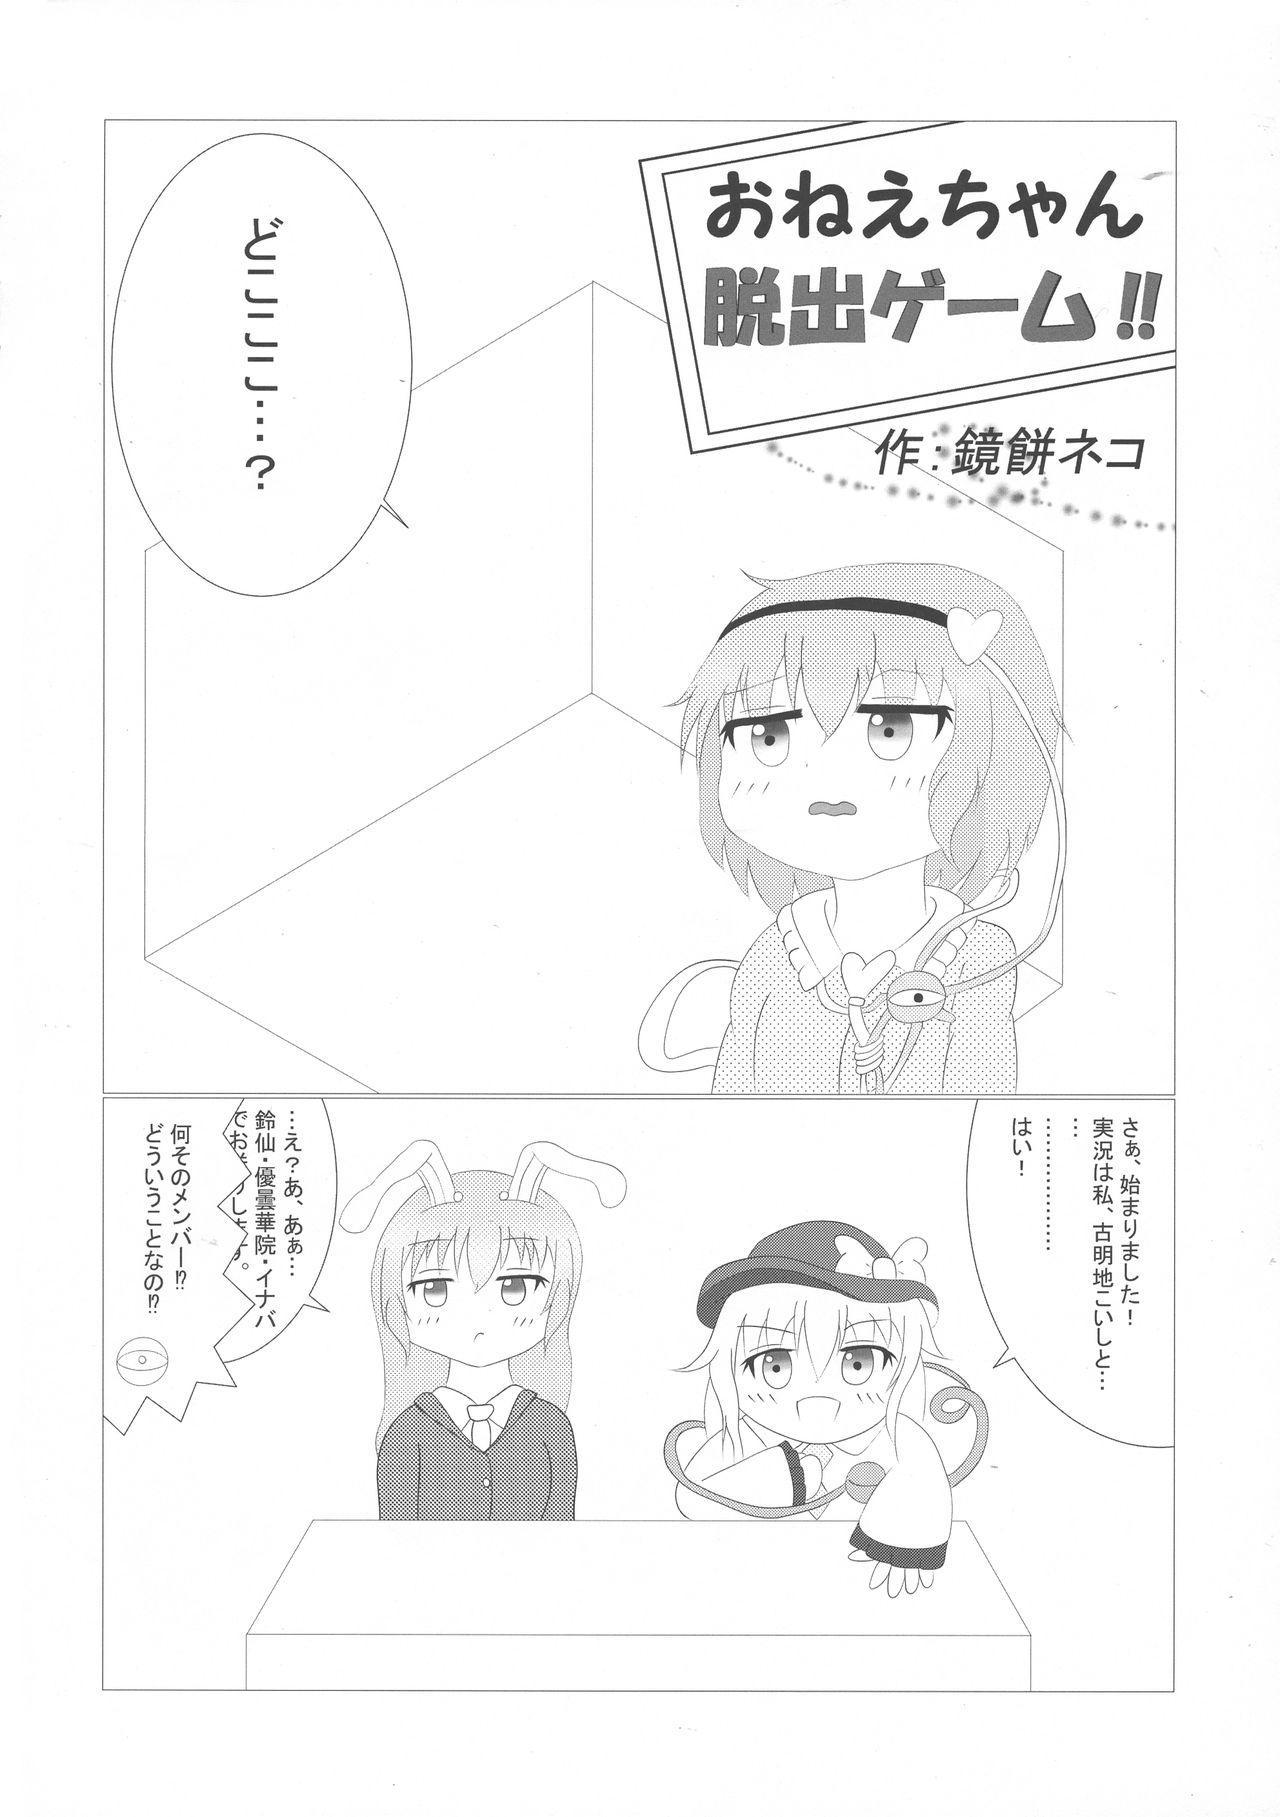 (Reitaisai 15) [HORIC WORKS (Various)] Touhou Bouchou-kei Sougou Goudou-shi `Boujo 2!!!!!!!!' (Touhou Project) 41